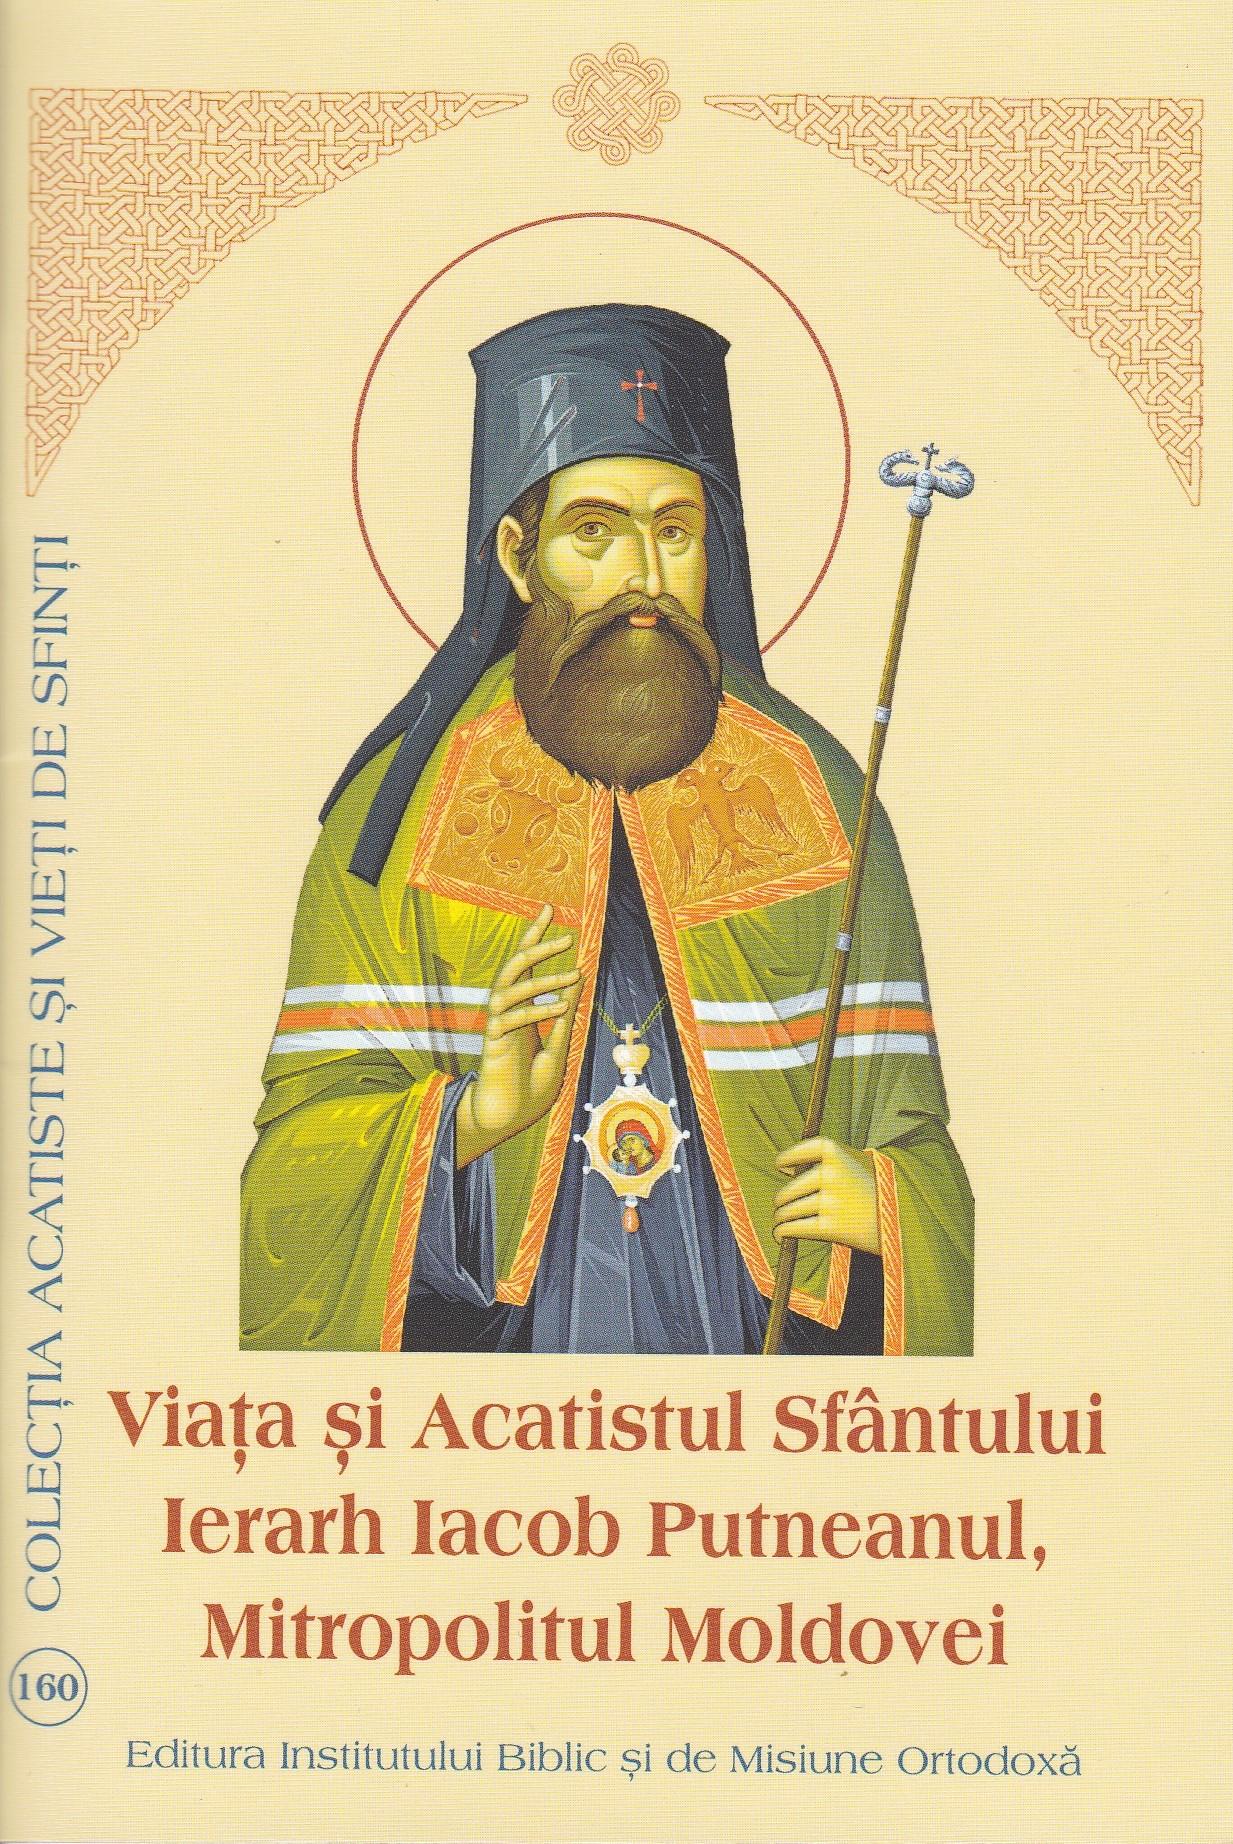 Viața și acatistul Sfântului Ierarh Iacob Putneanu, Mitropolitul Moldovei